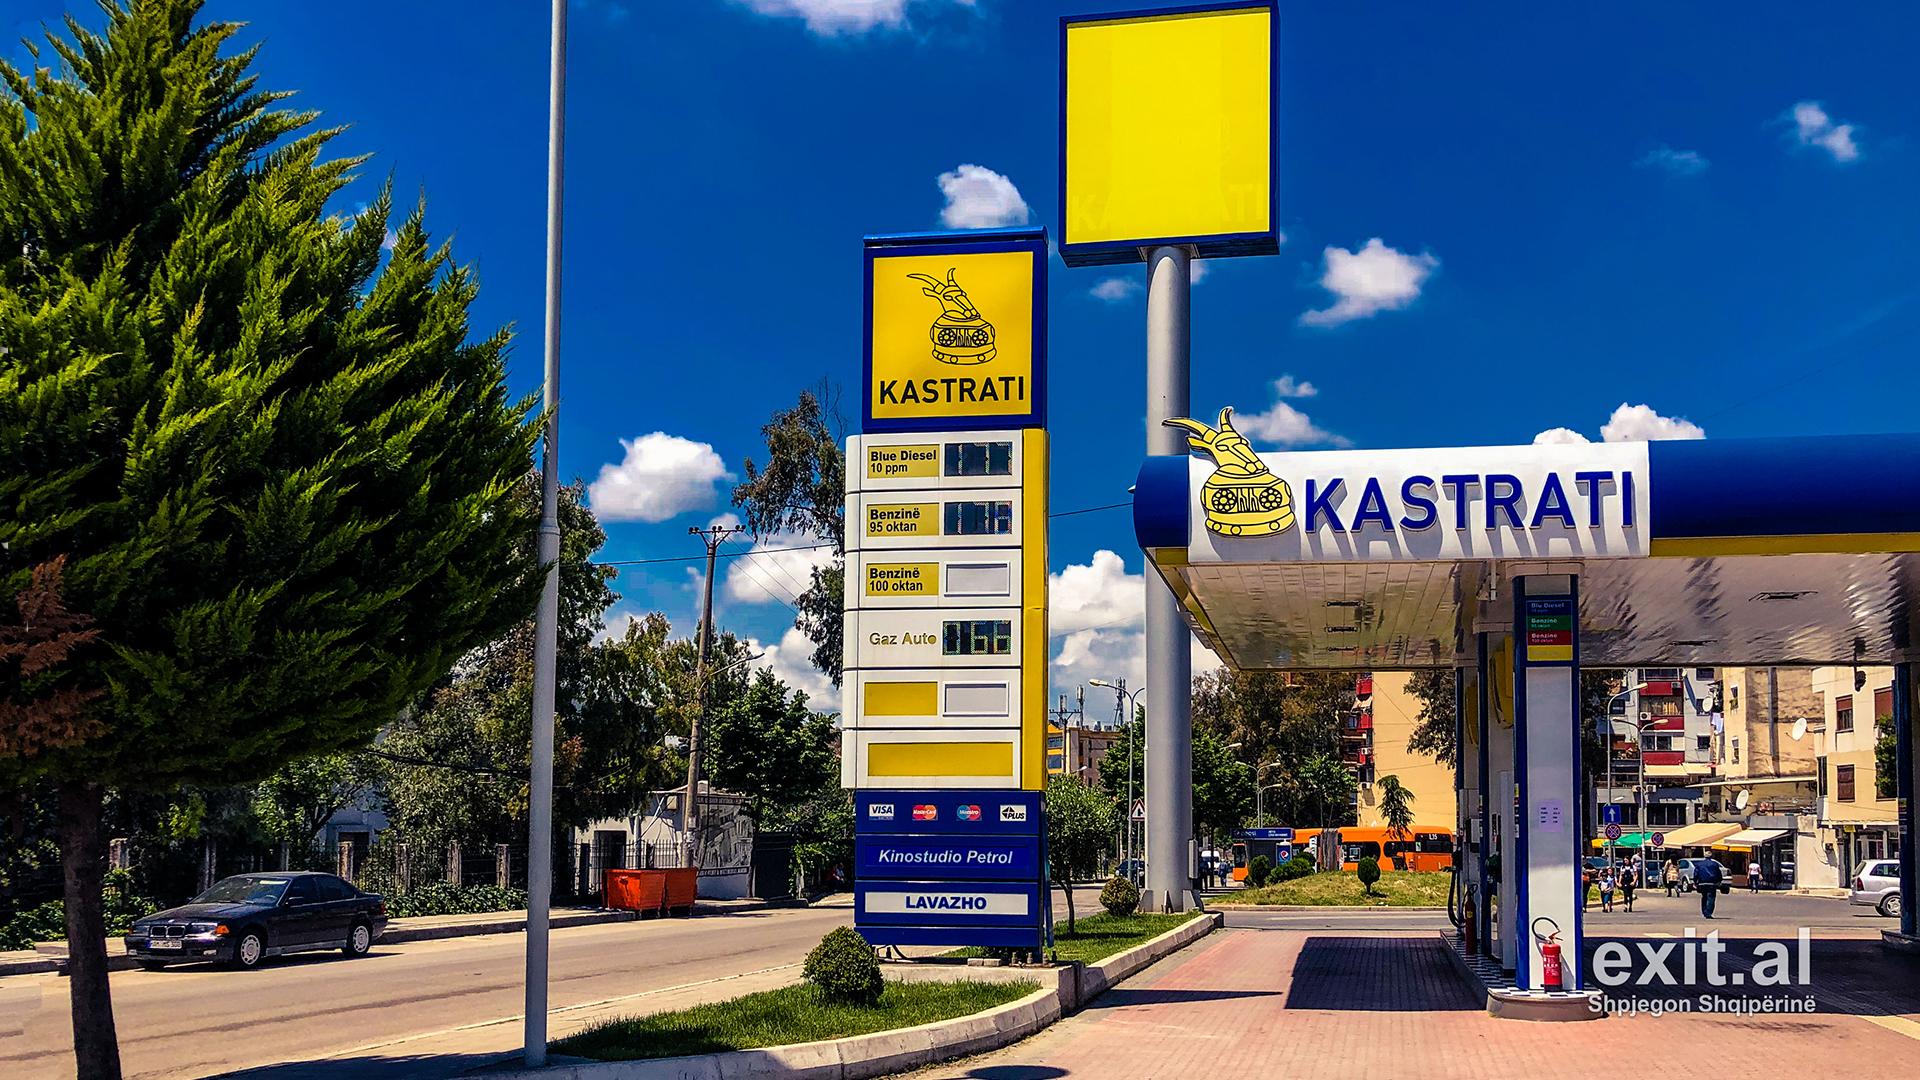 Qeveria tendera 26 milionë euro për karburant, specifikimet teknike duket se favorizojnë Kastratin